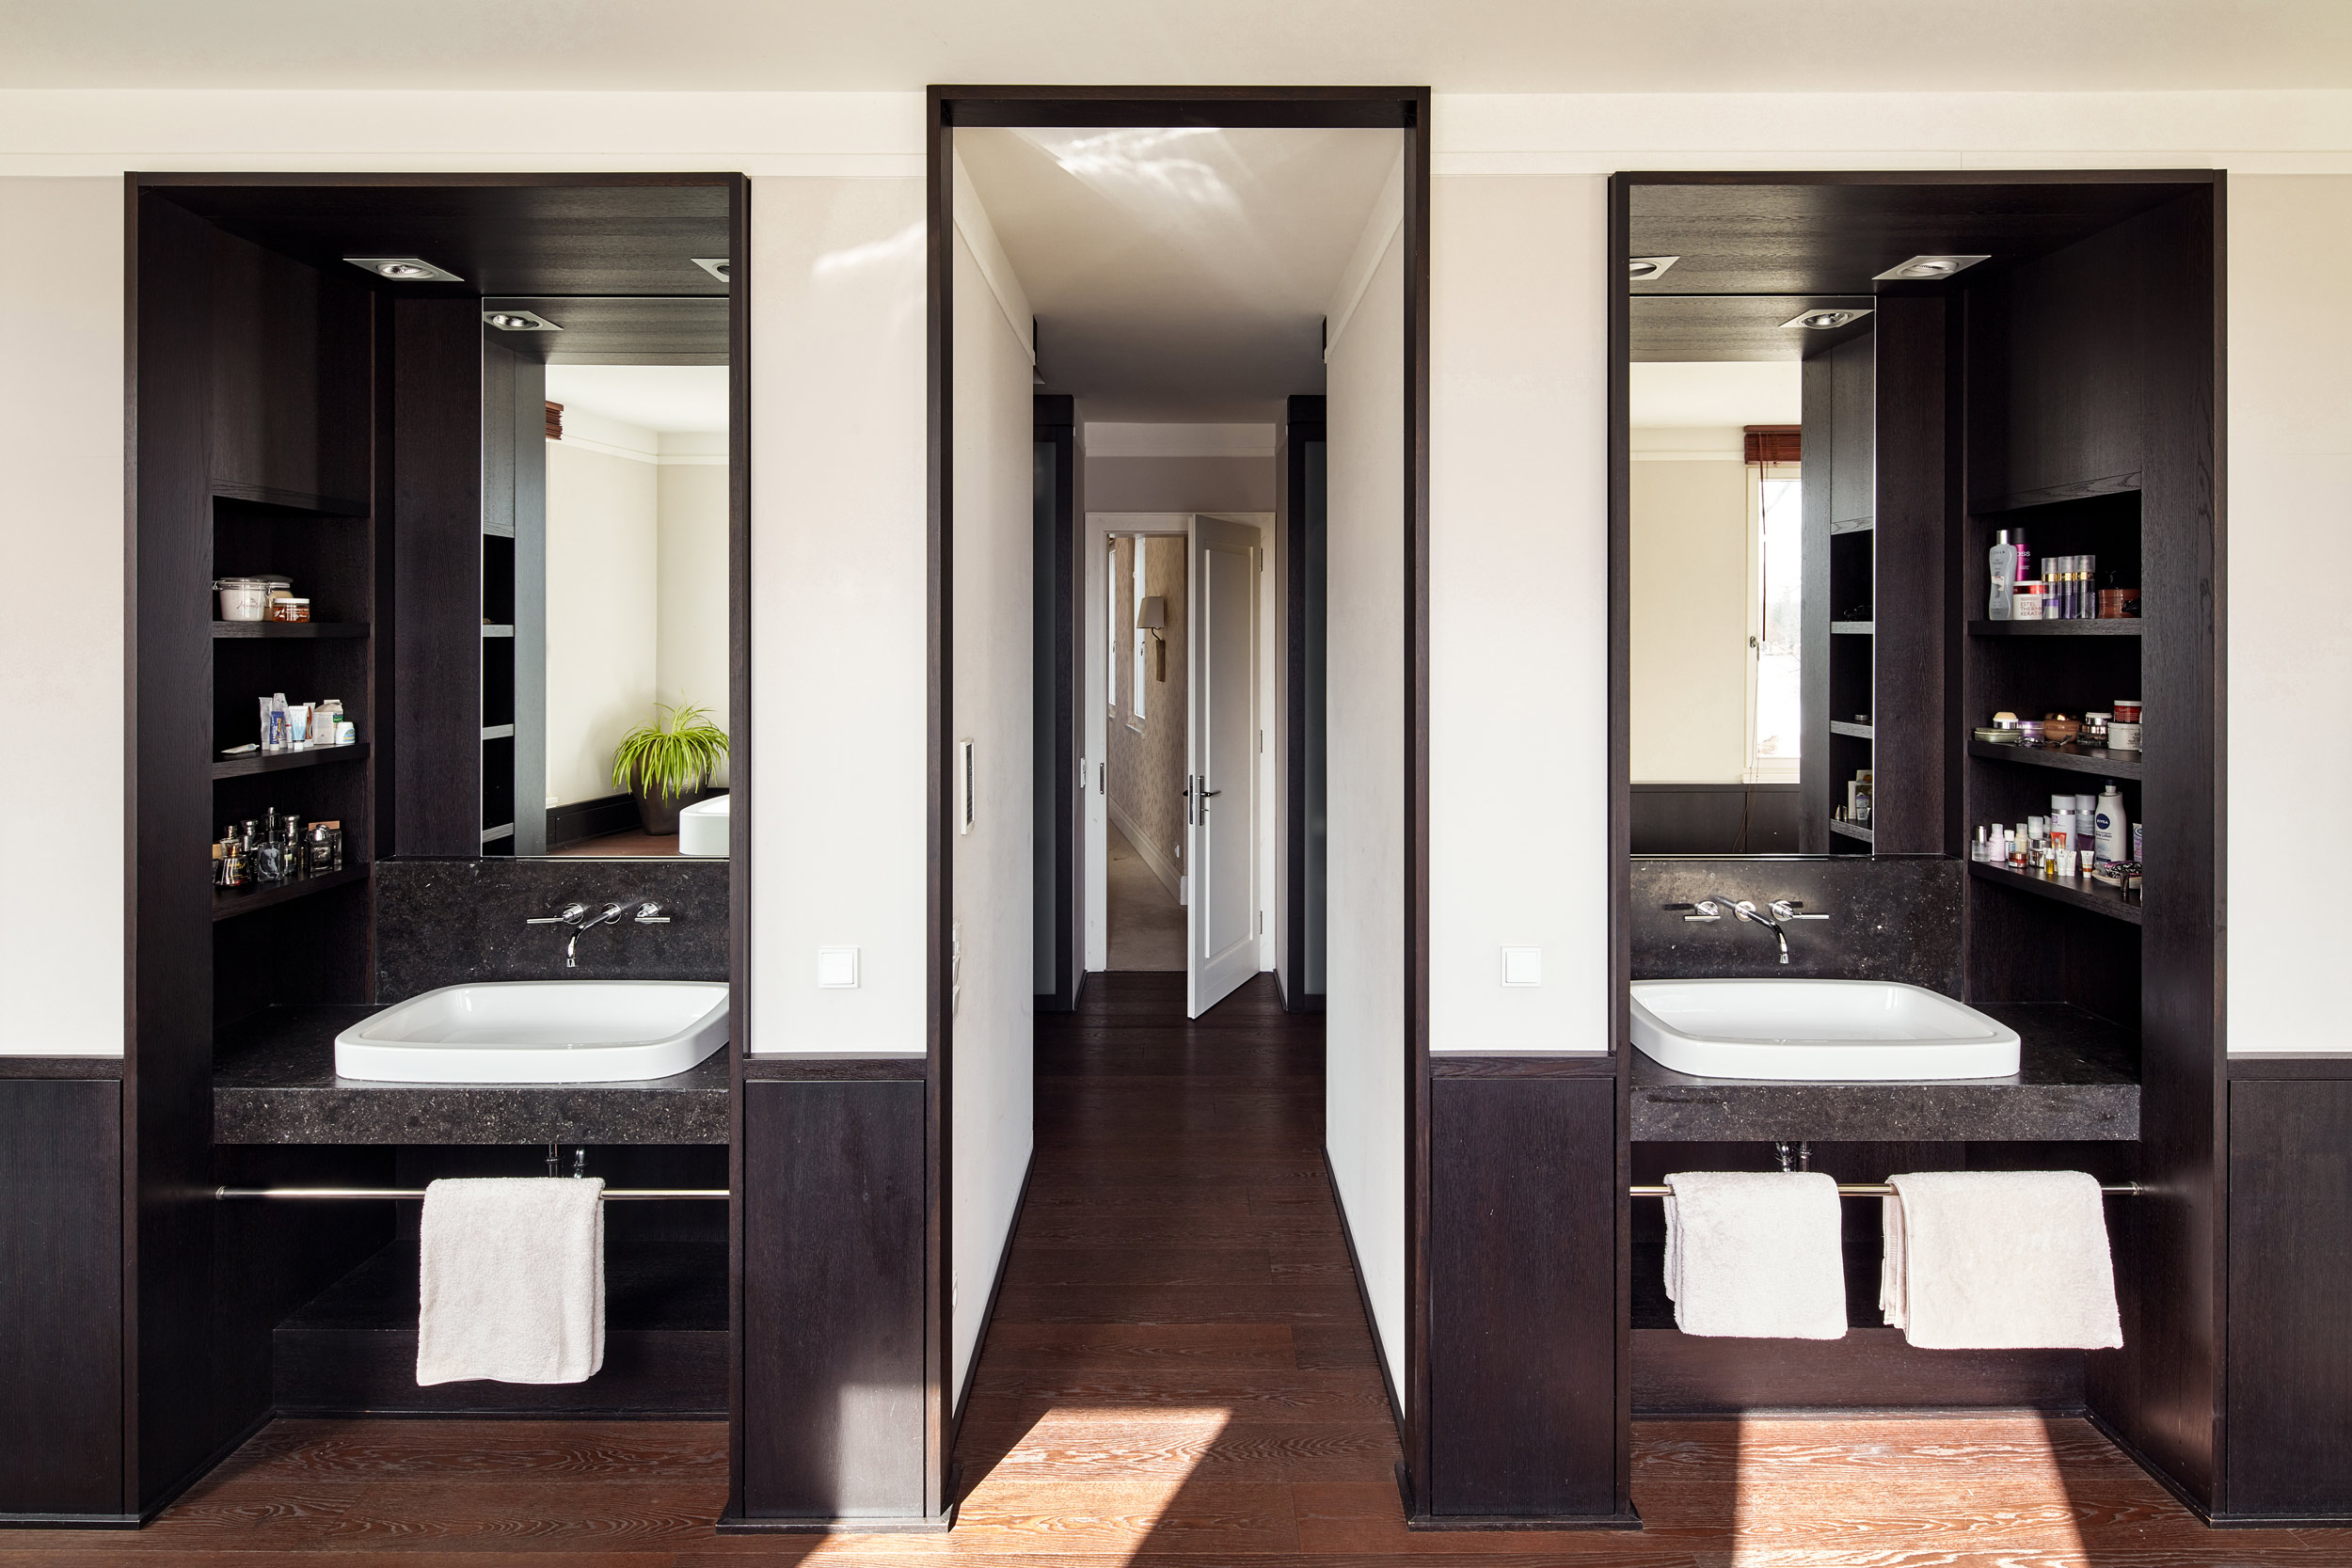 Neubau einer Villa in klassisch-traditioneller Architektursprache - Das Masterbad mit hangefertigten Einbauten aus Wenge-Holz